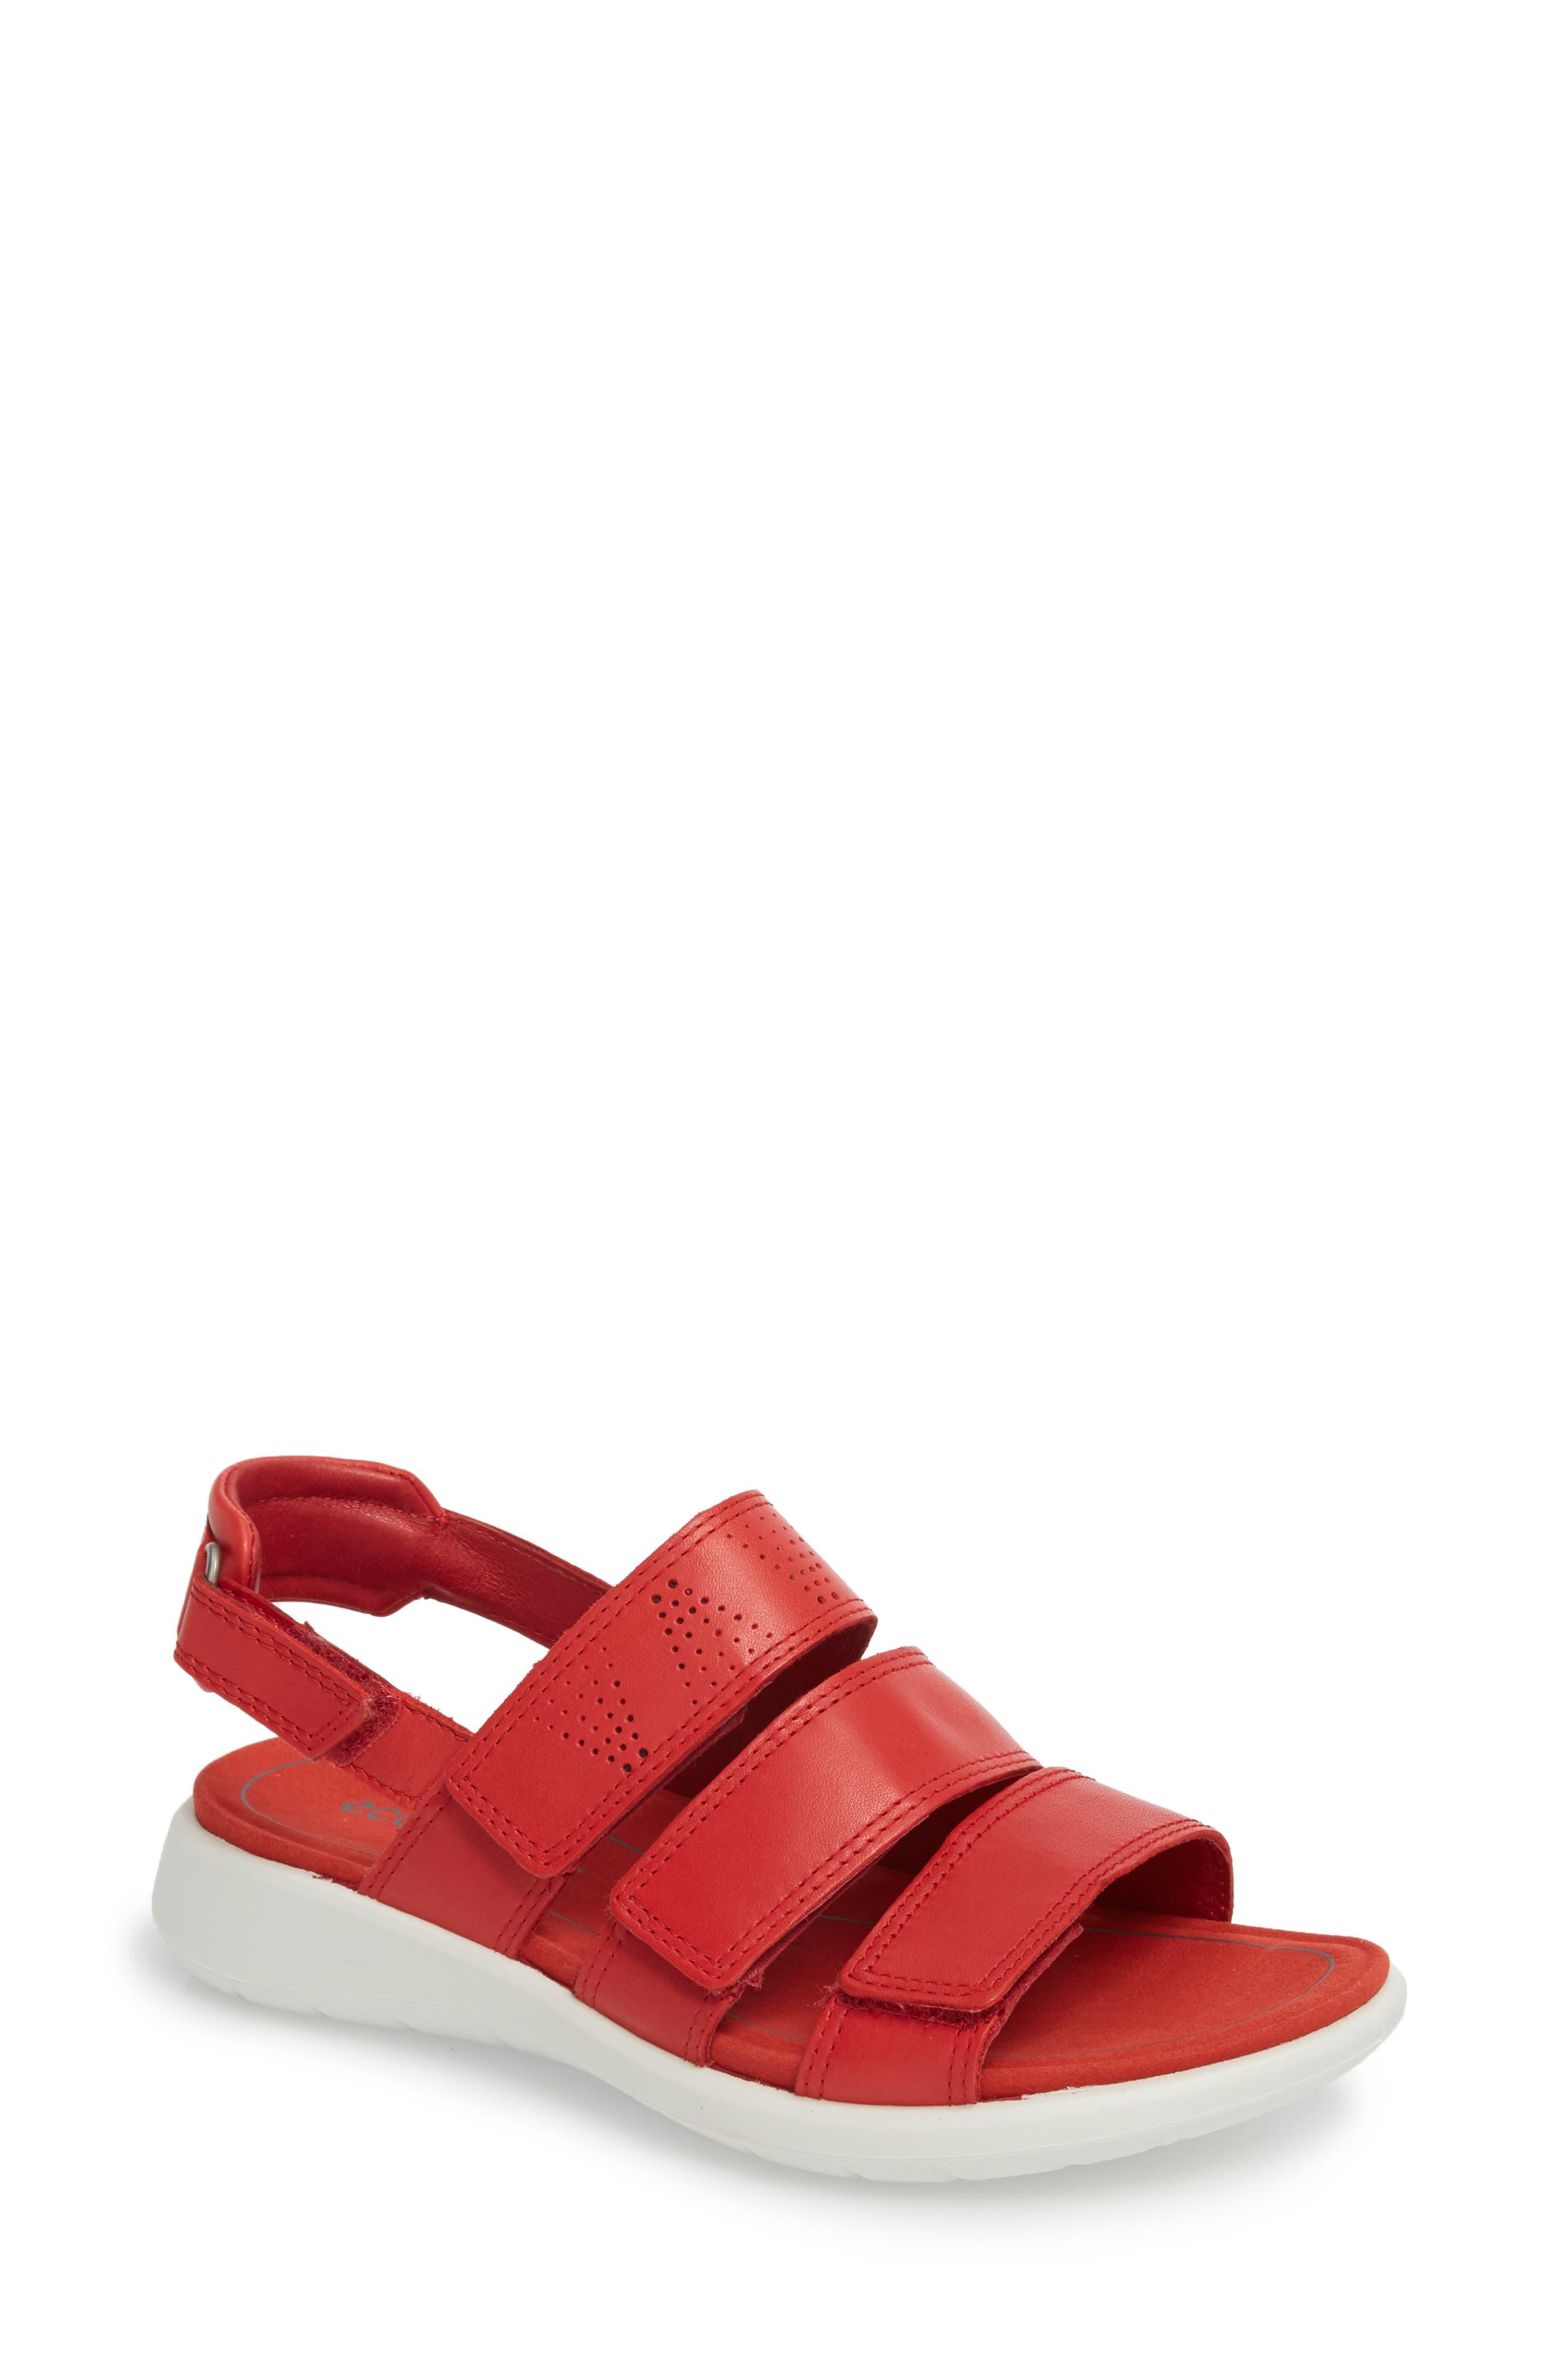 Soft 5 Sandal,                         Main,                         color,